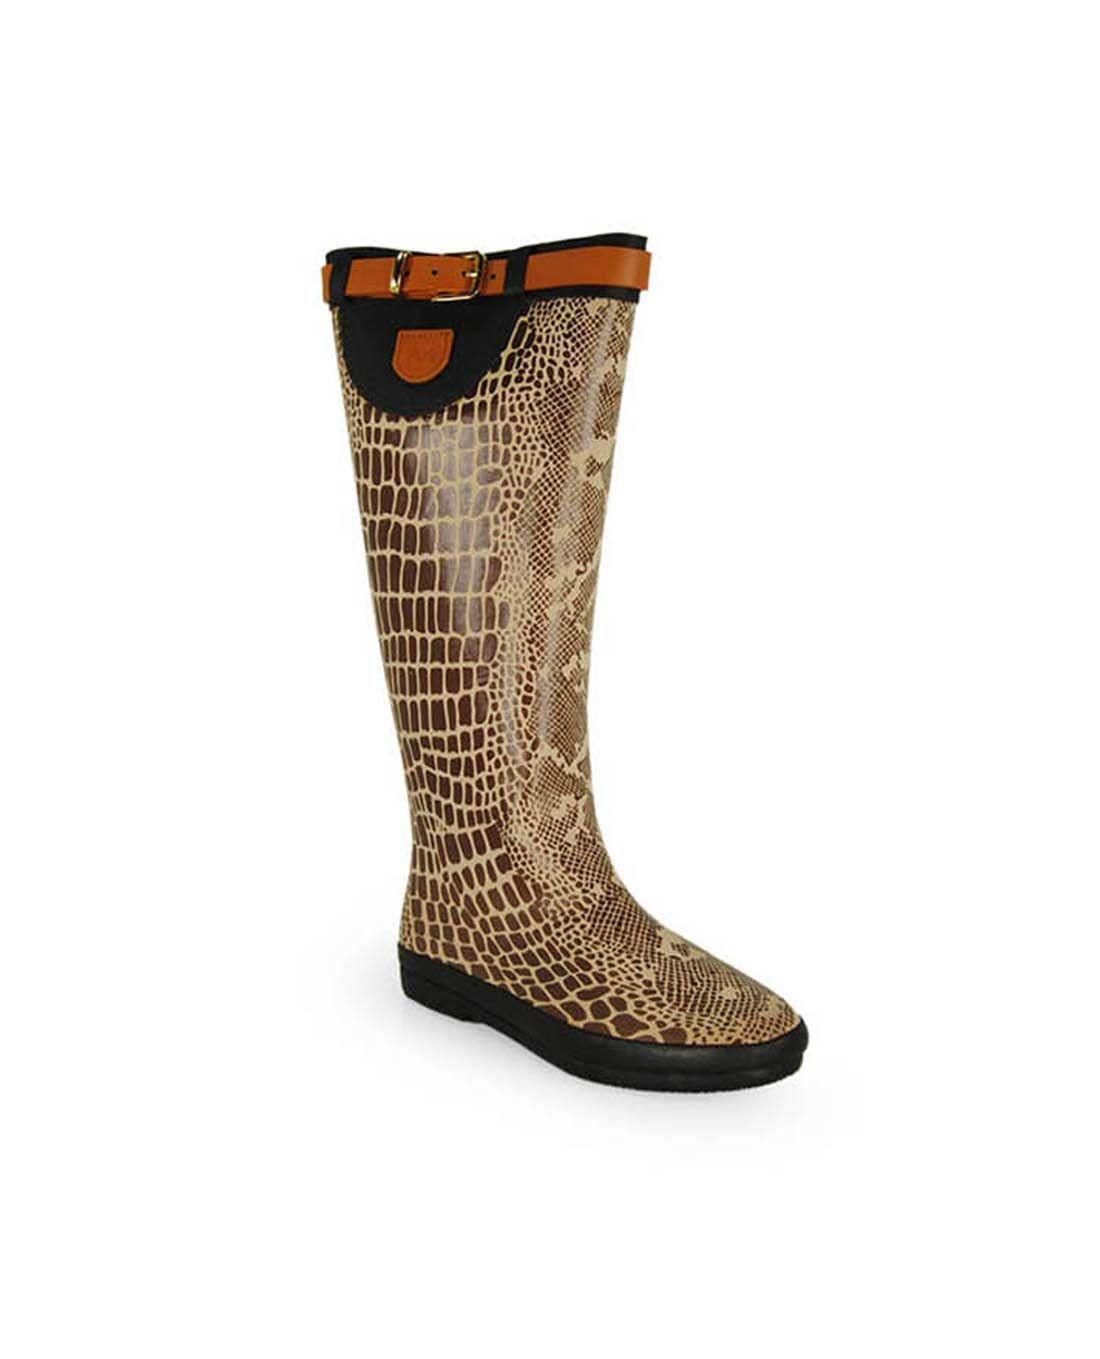 32edbde73a8 Botas de agua MARIA MARE beige 68702 | Zapatos del mundo | Botas de ...